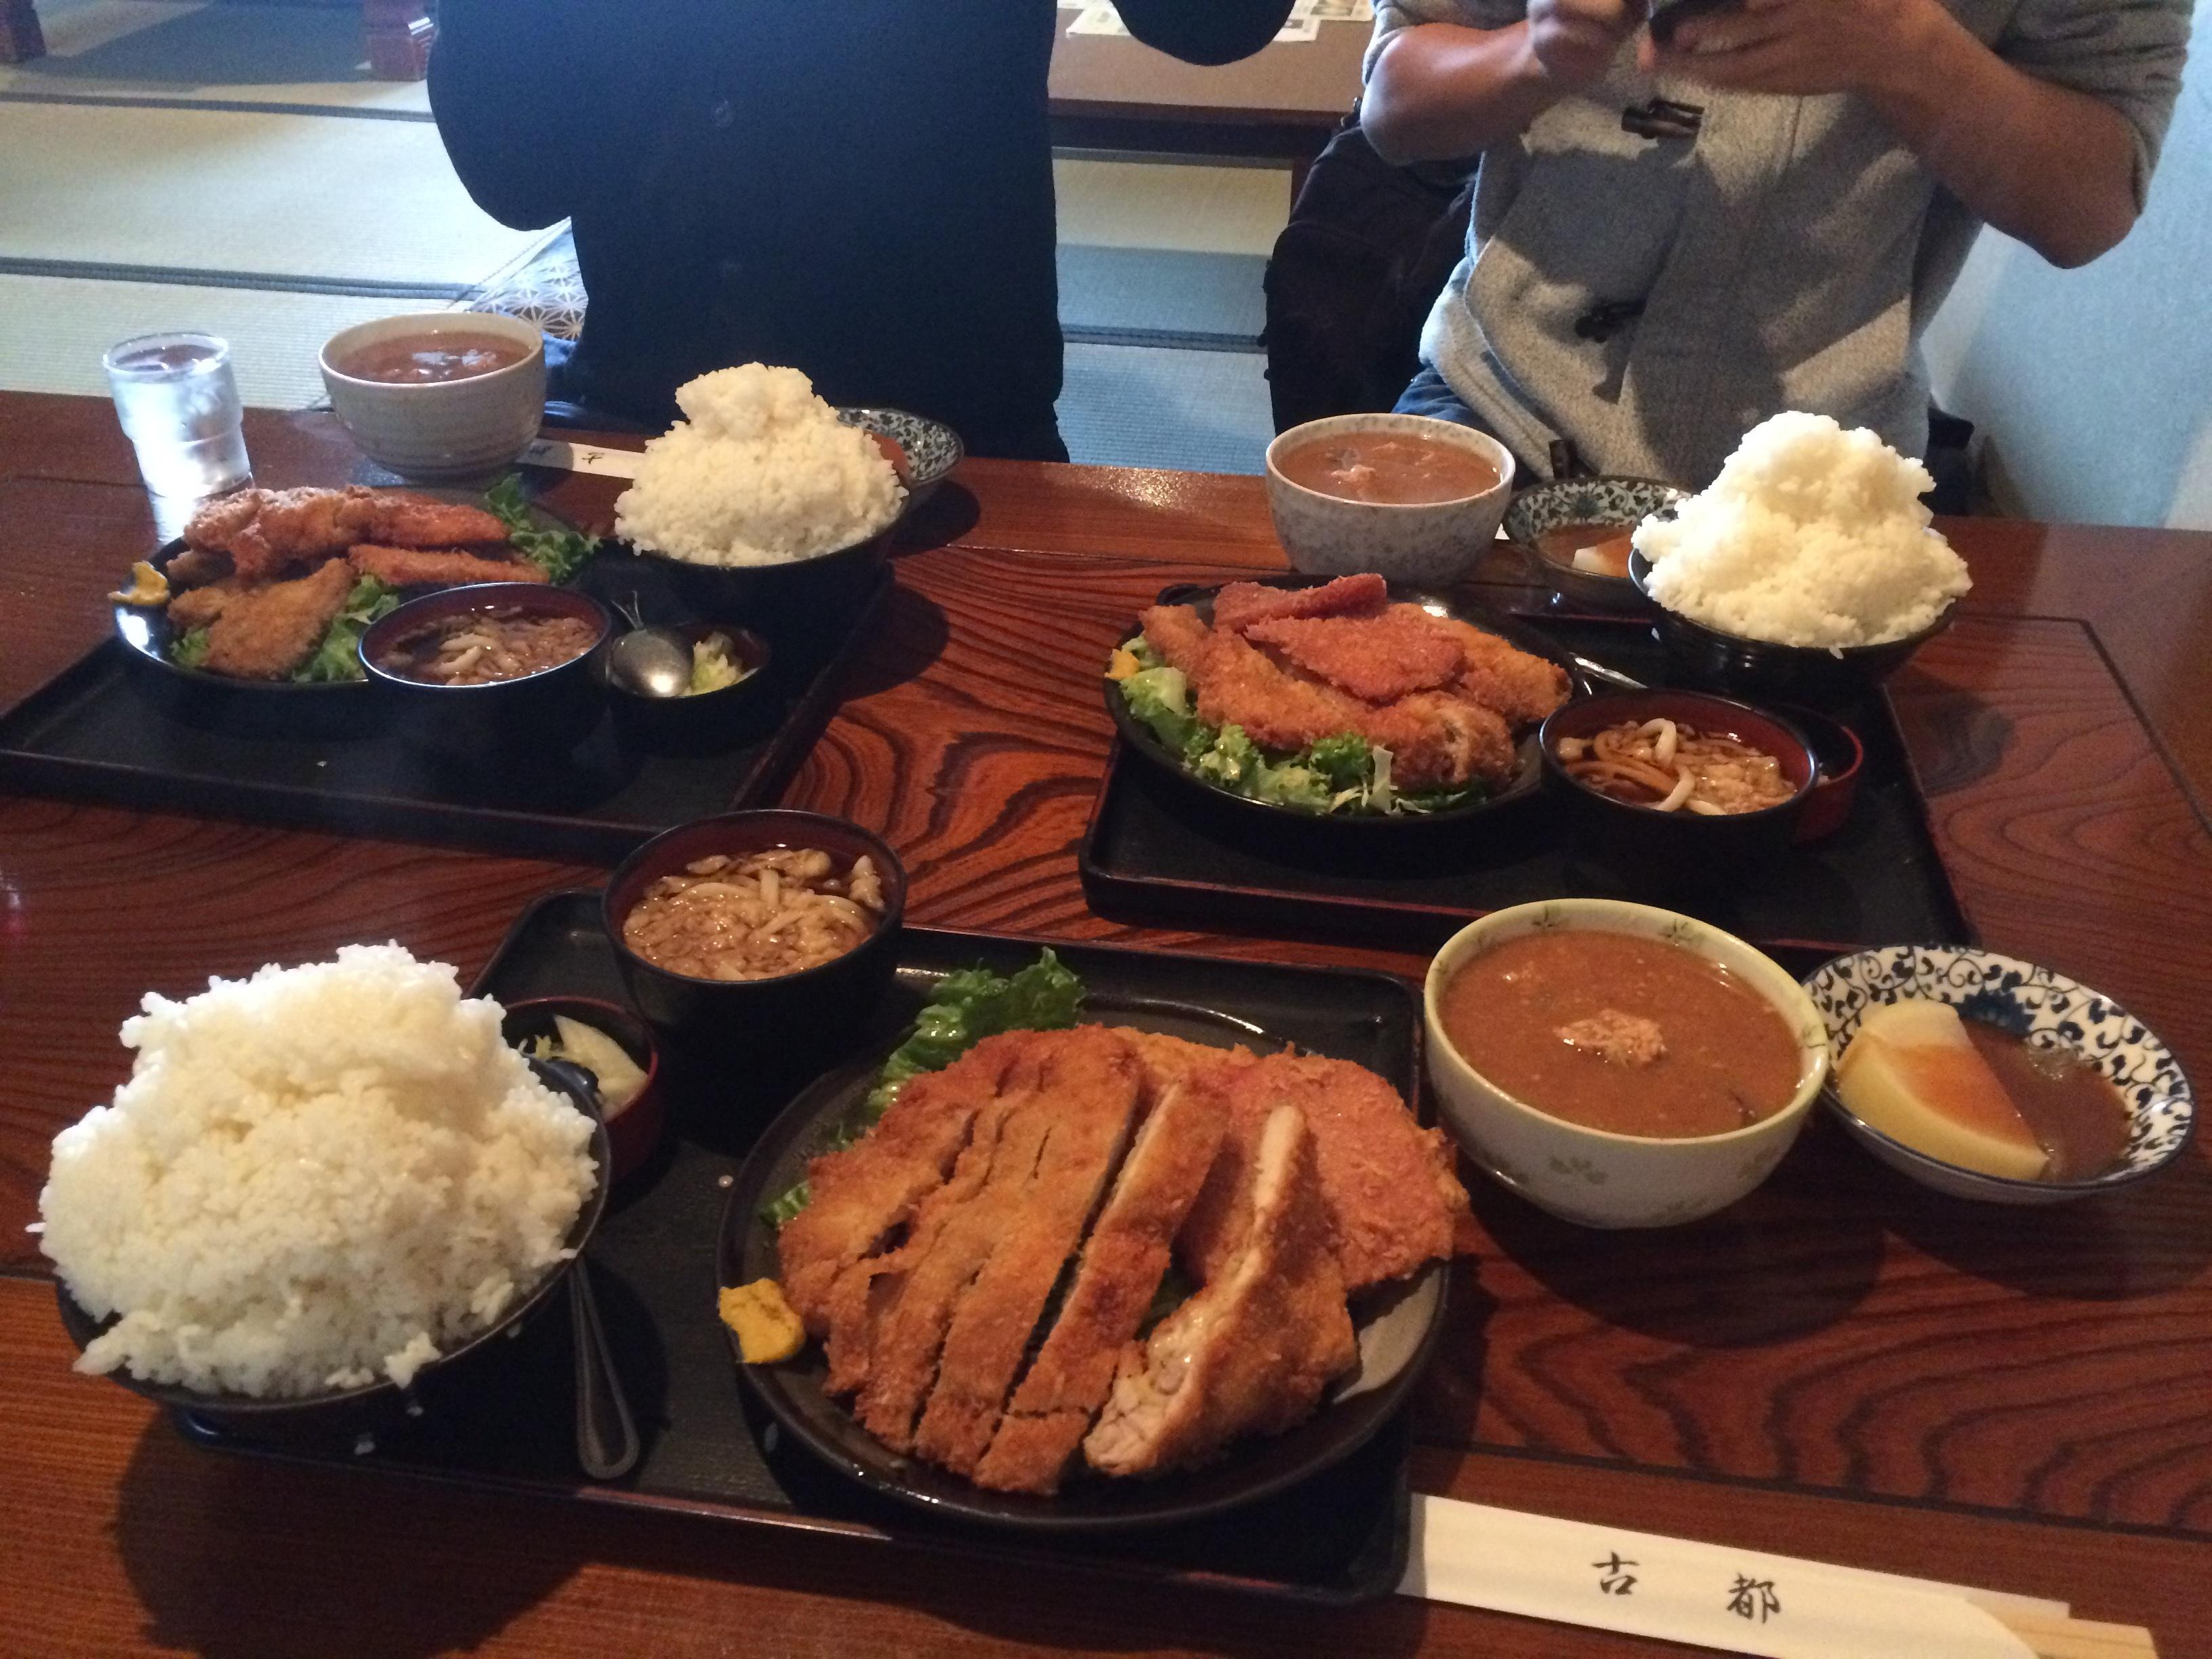 ミックスカツと肉団子汁の定食 1180円